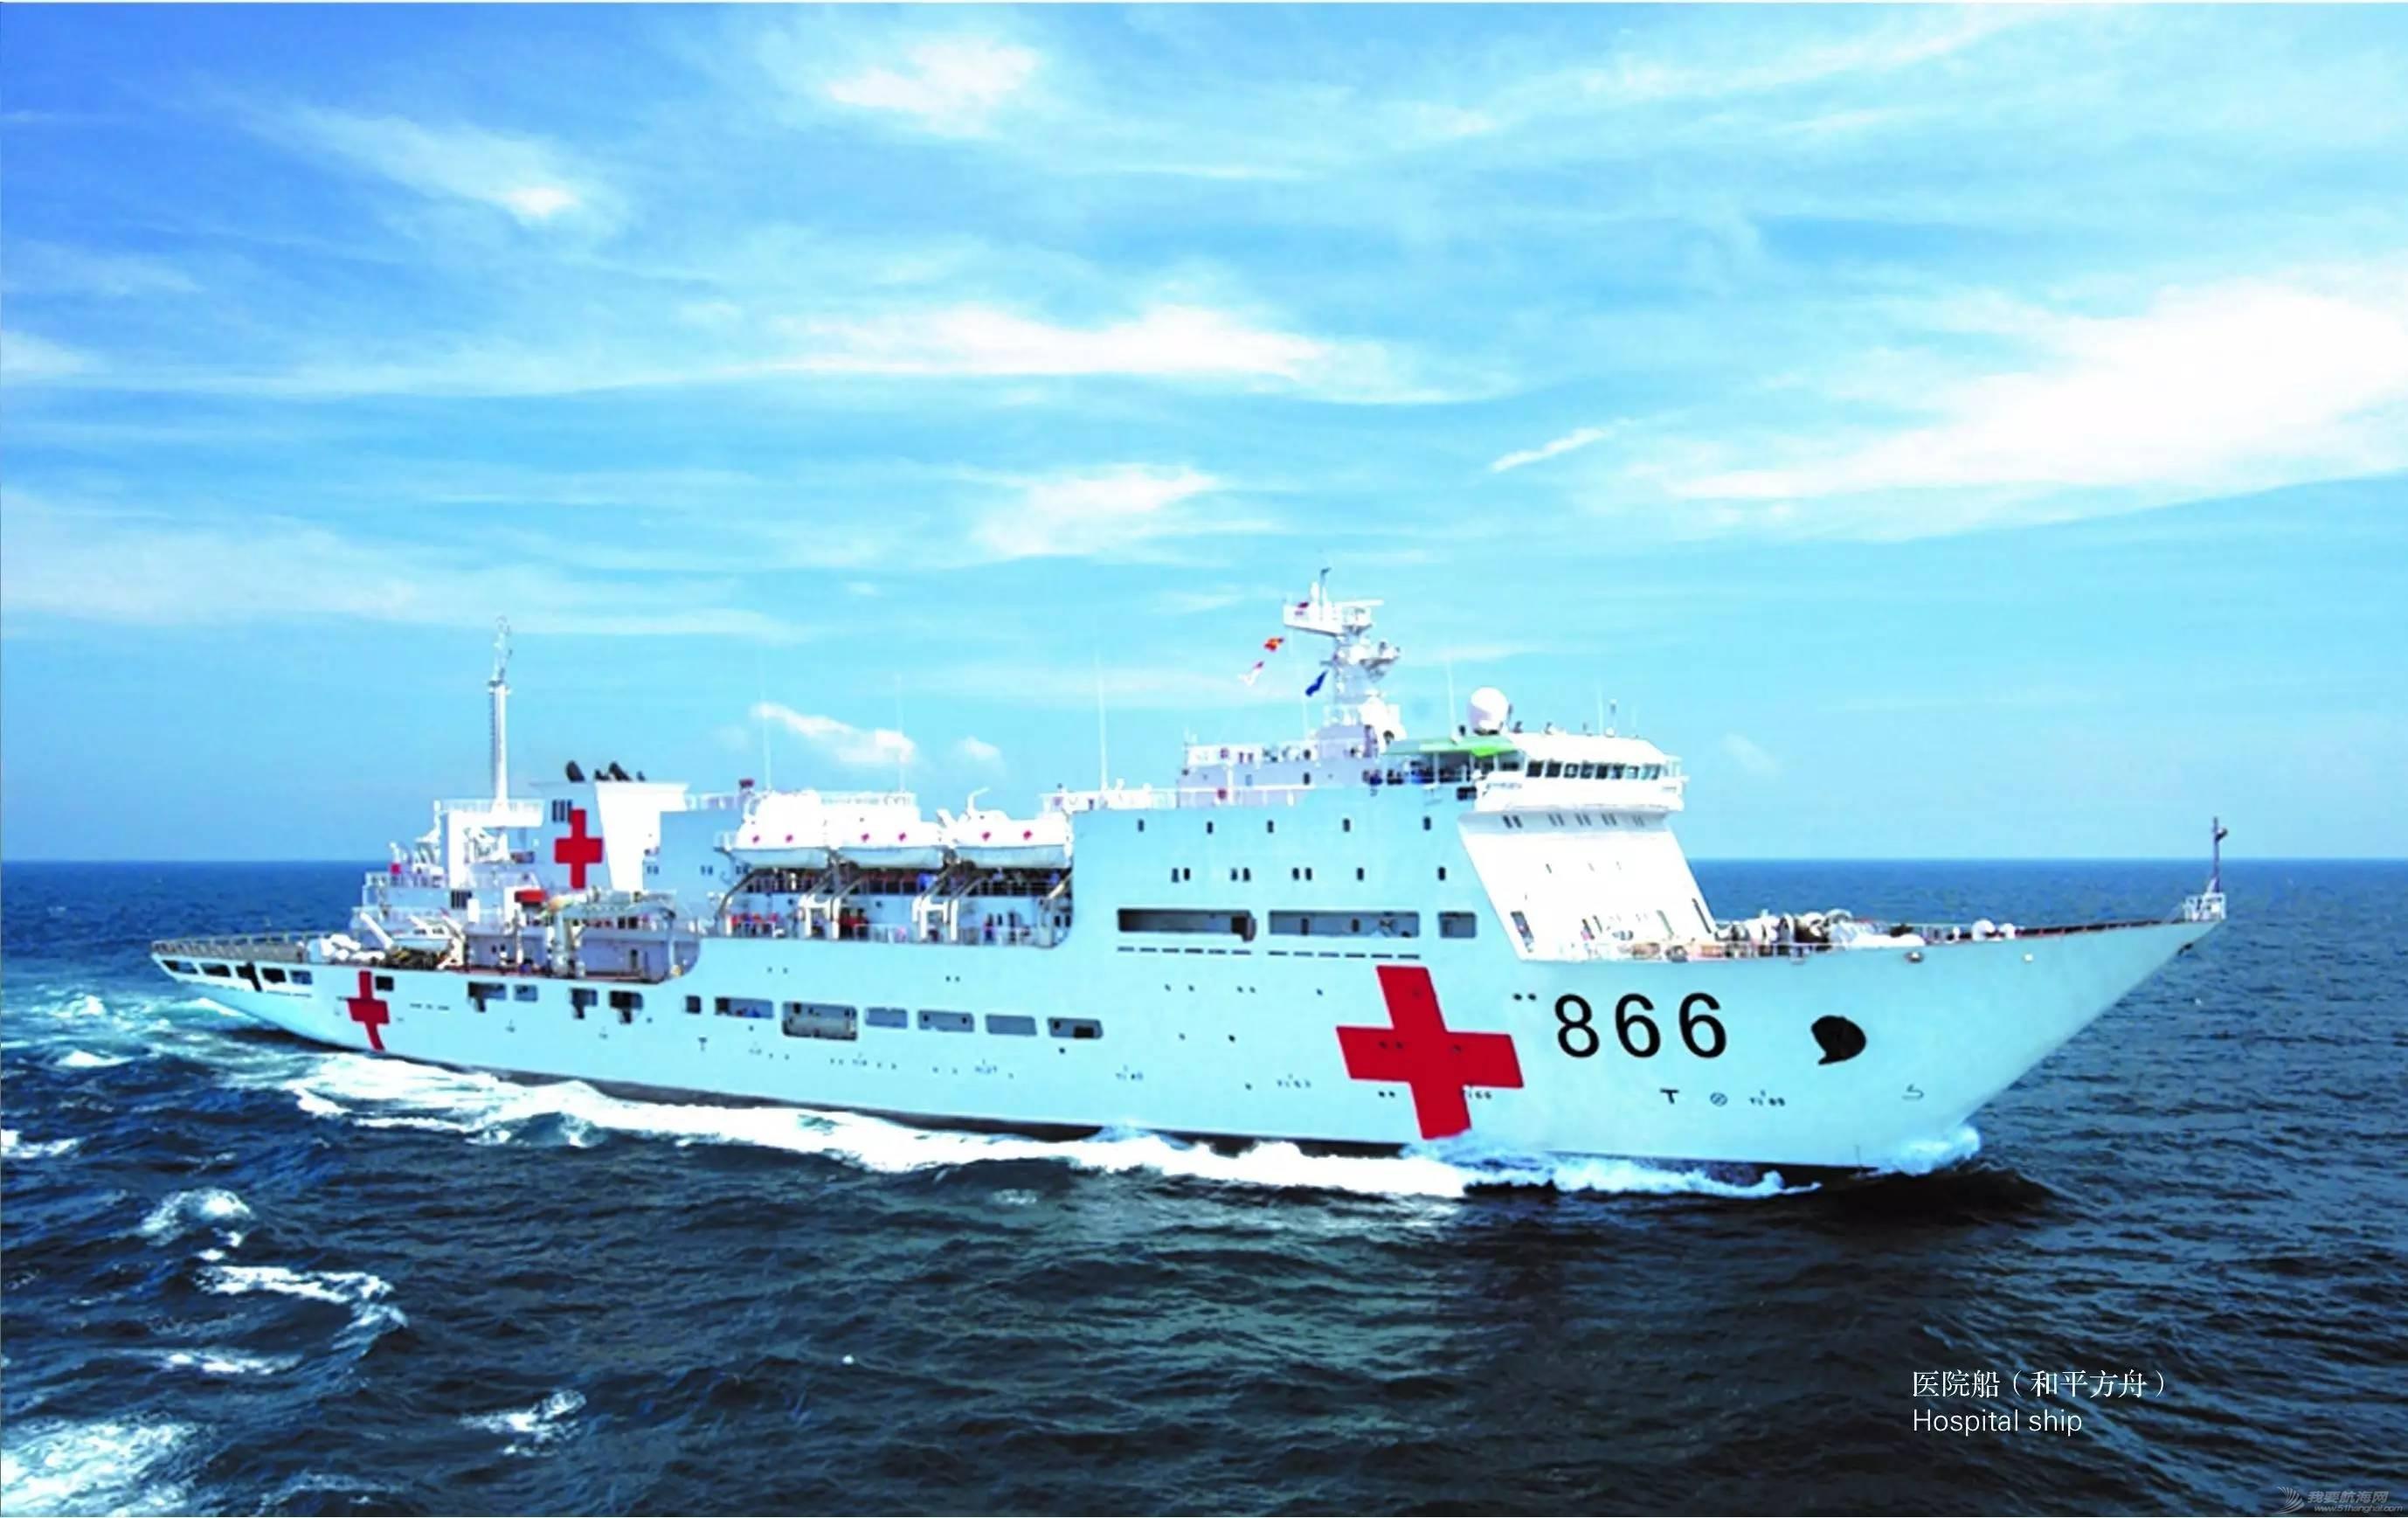 军舰建造哪家强,我国军工船厂排行榜 9aea007cd3a6f157181d5e33e37f2c75.jpg